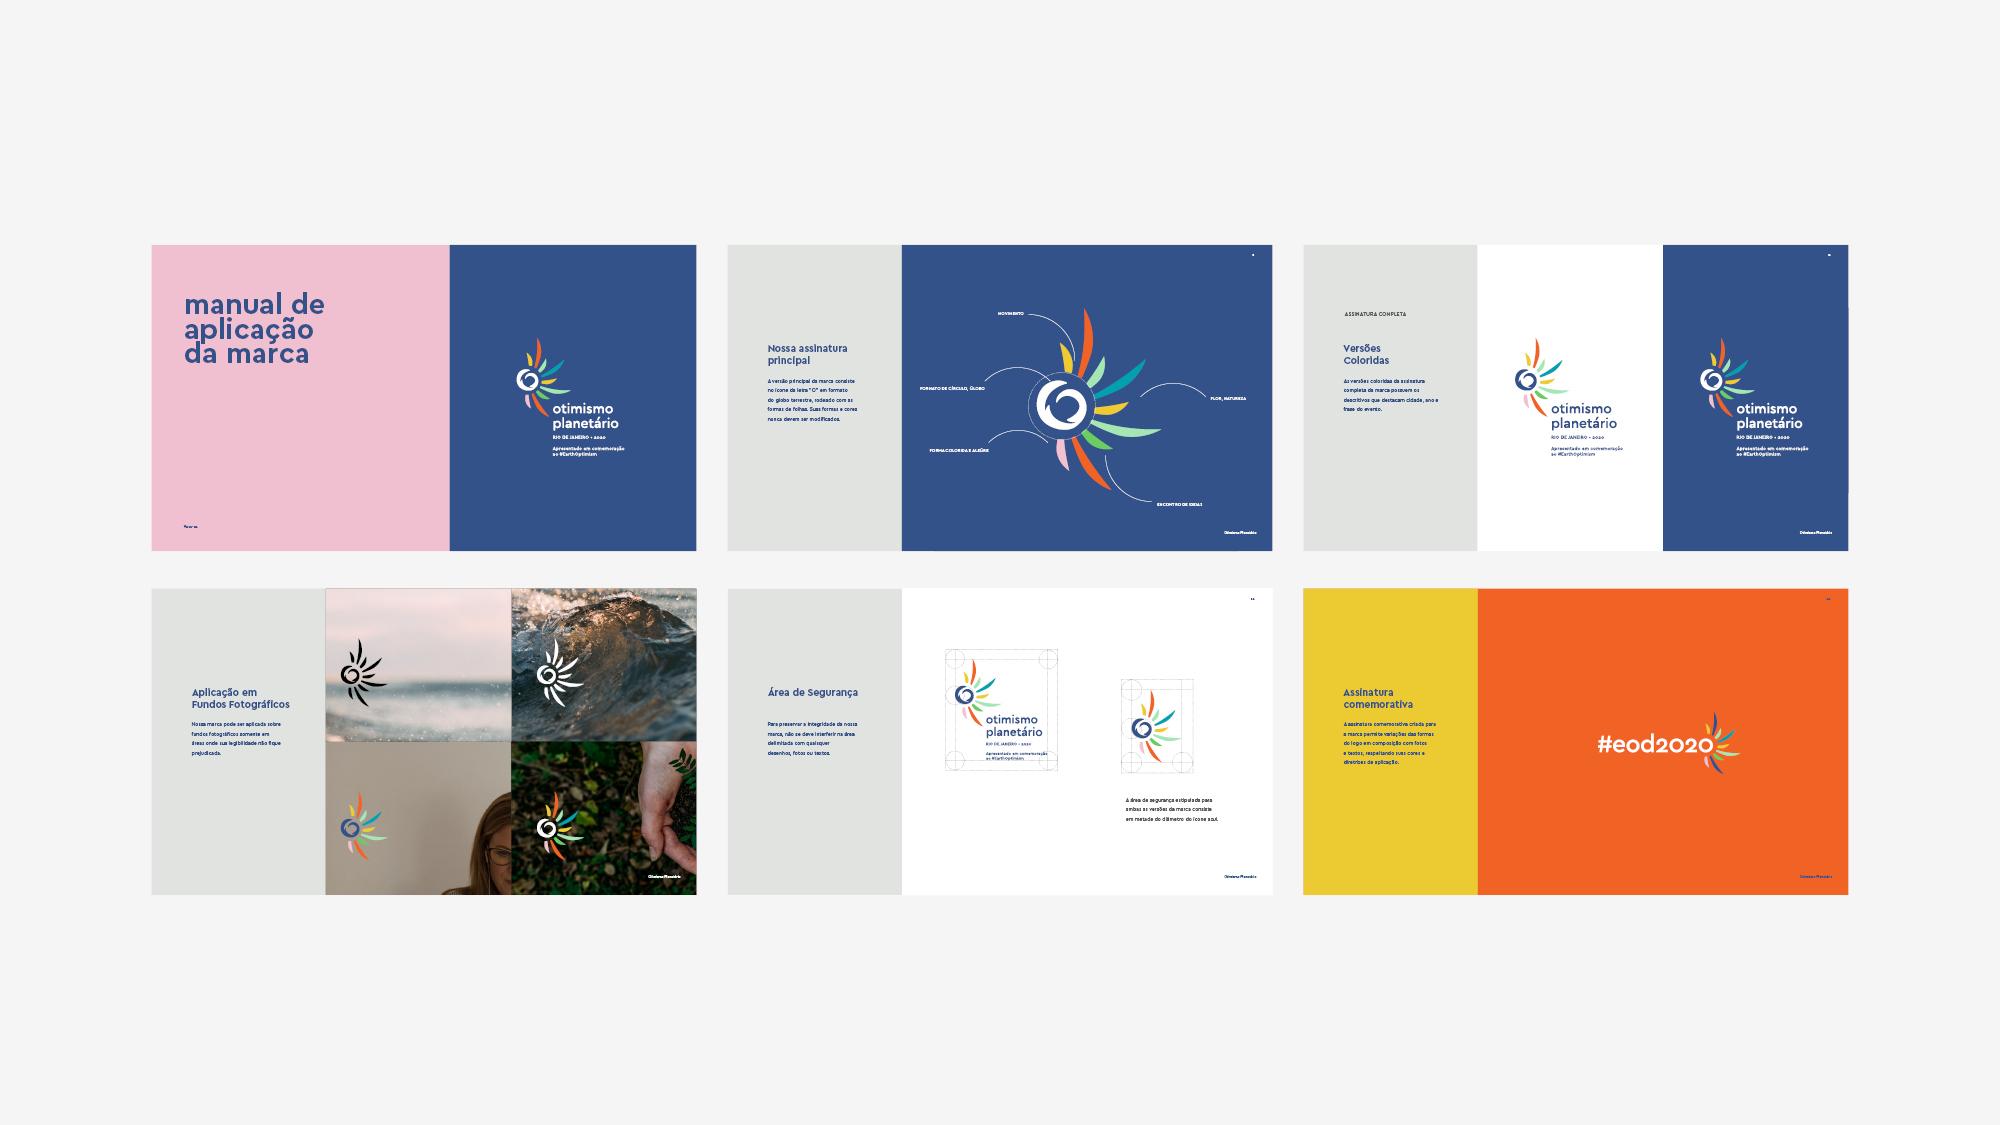 Lanatta-Branding-e-Design-Otimismo-Planetario-IIS-Rio6